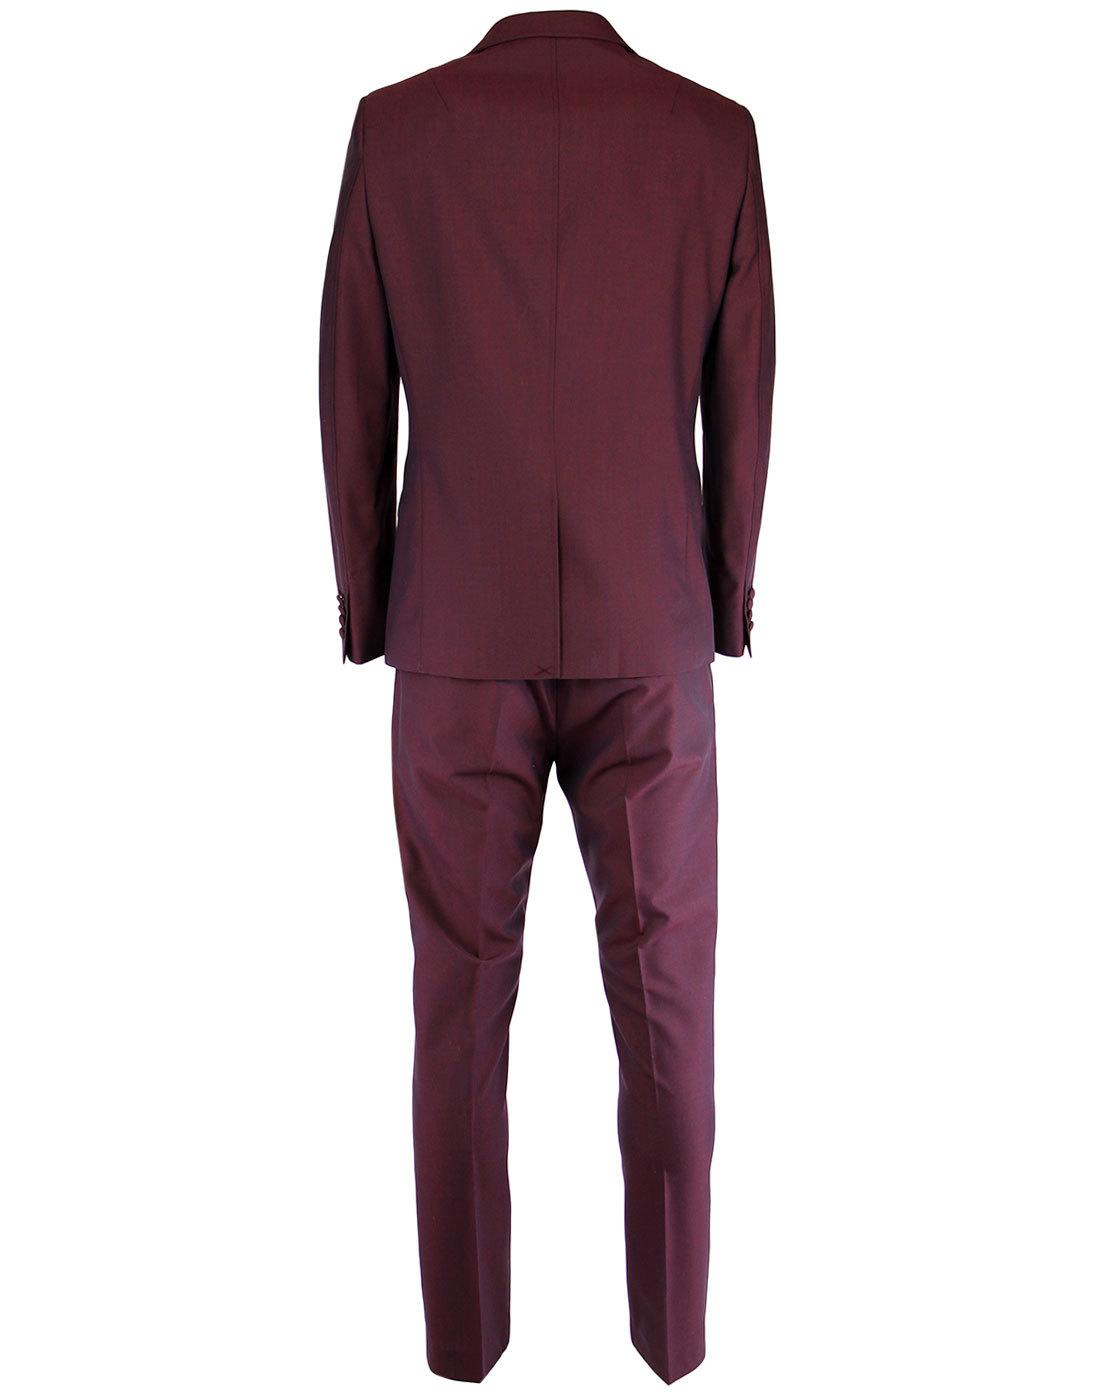 Gabicci Vintage Men S Retro Mod 70s Mod Tonic Suit In Port